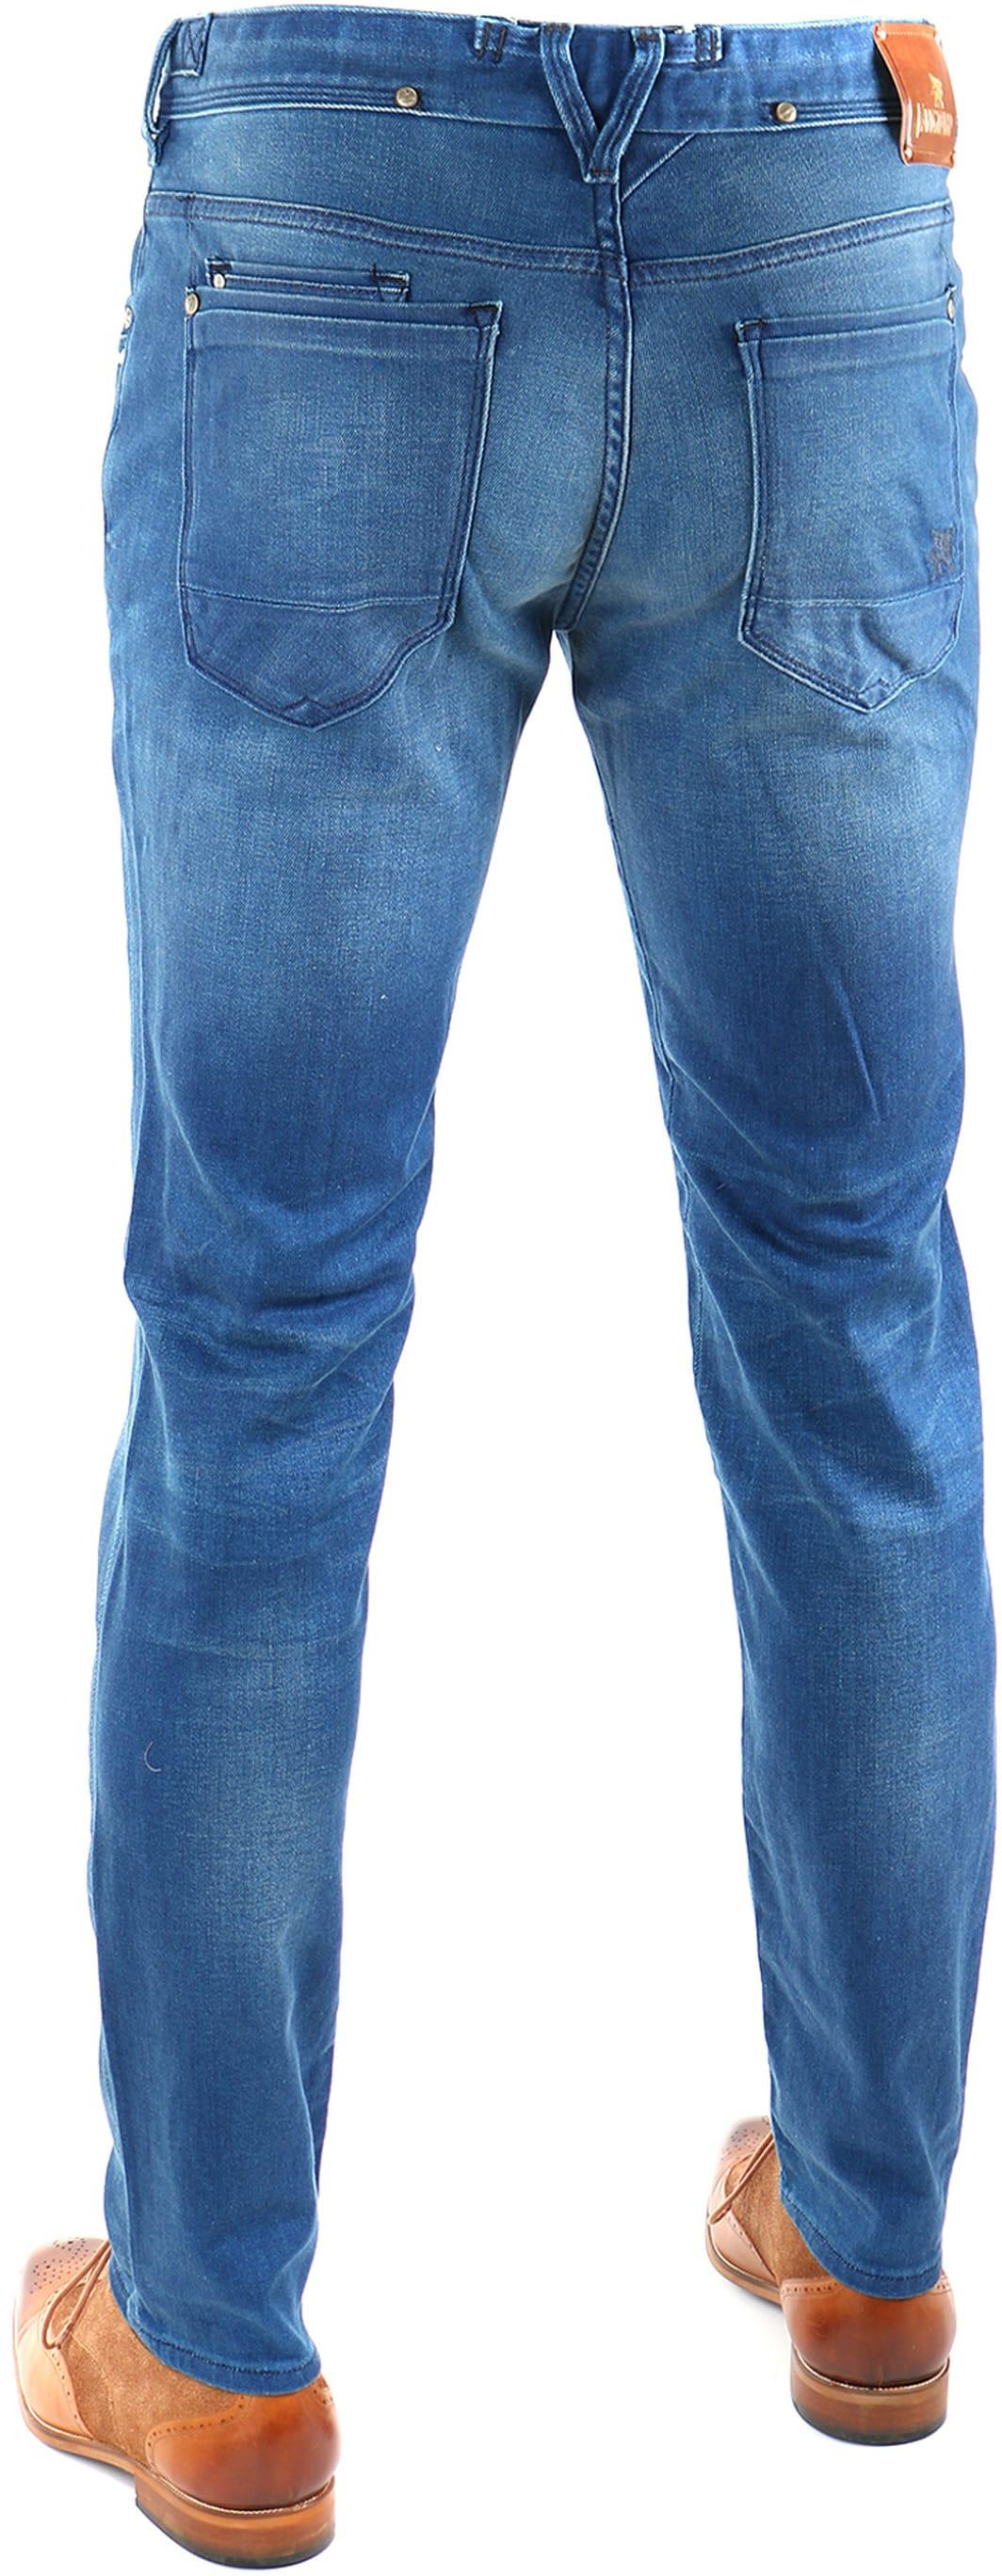 Vanguard V8 Racer Jeans Bright Blue foto 4